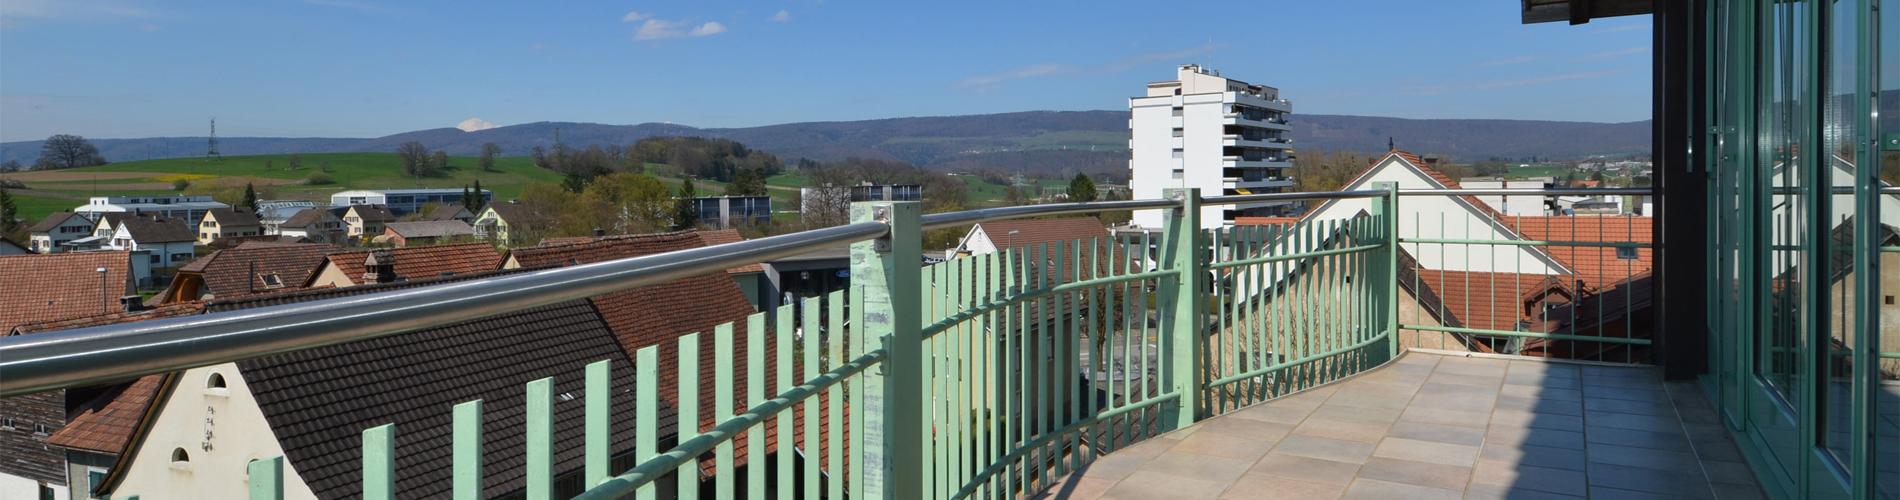 4.5-Zi'-Eigentumswohnung mit grossem Balkon in Breitenbach